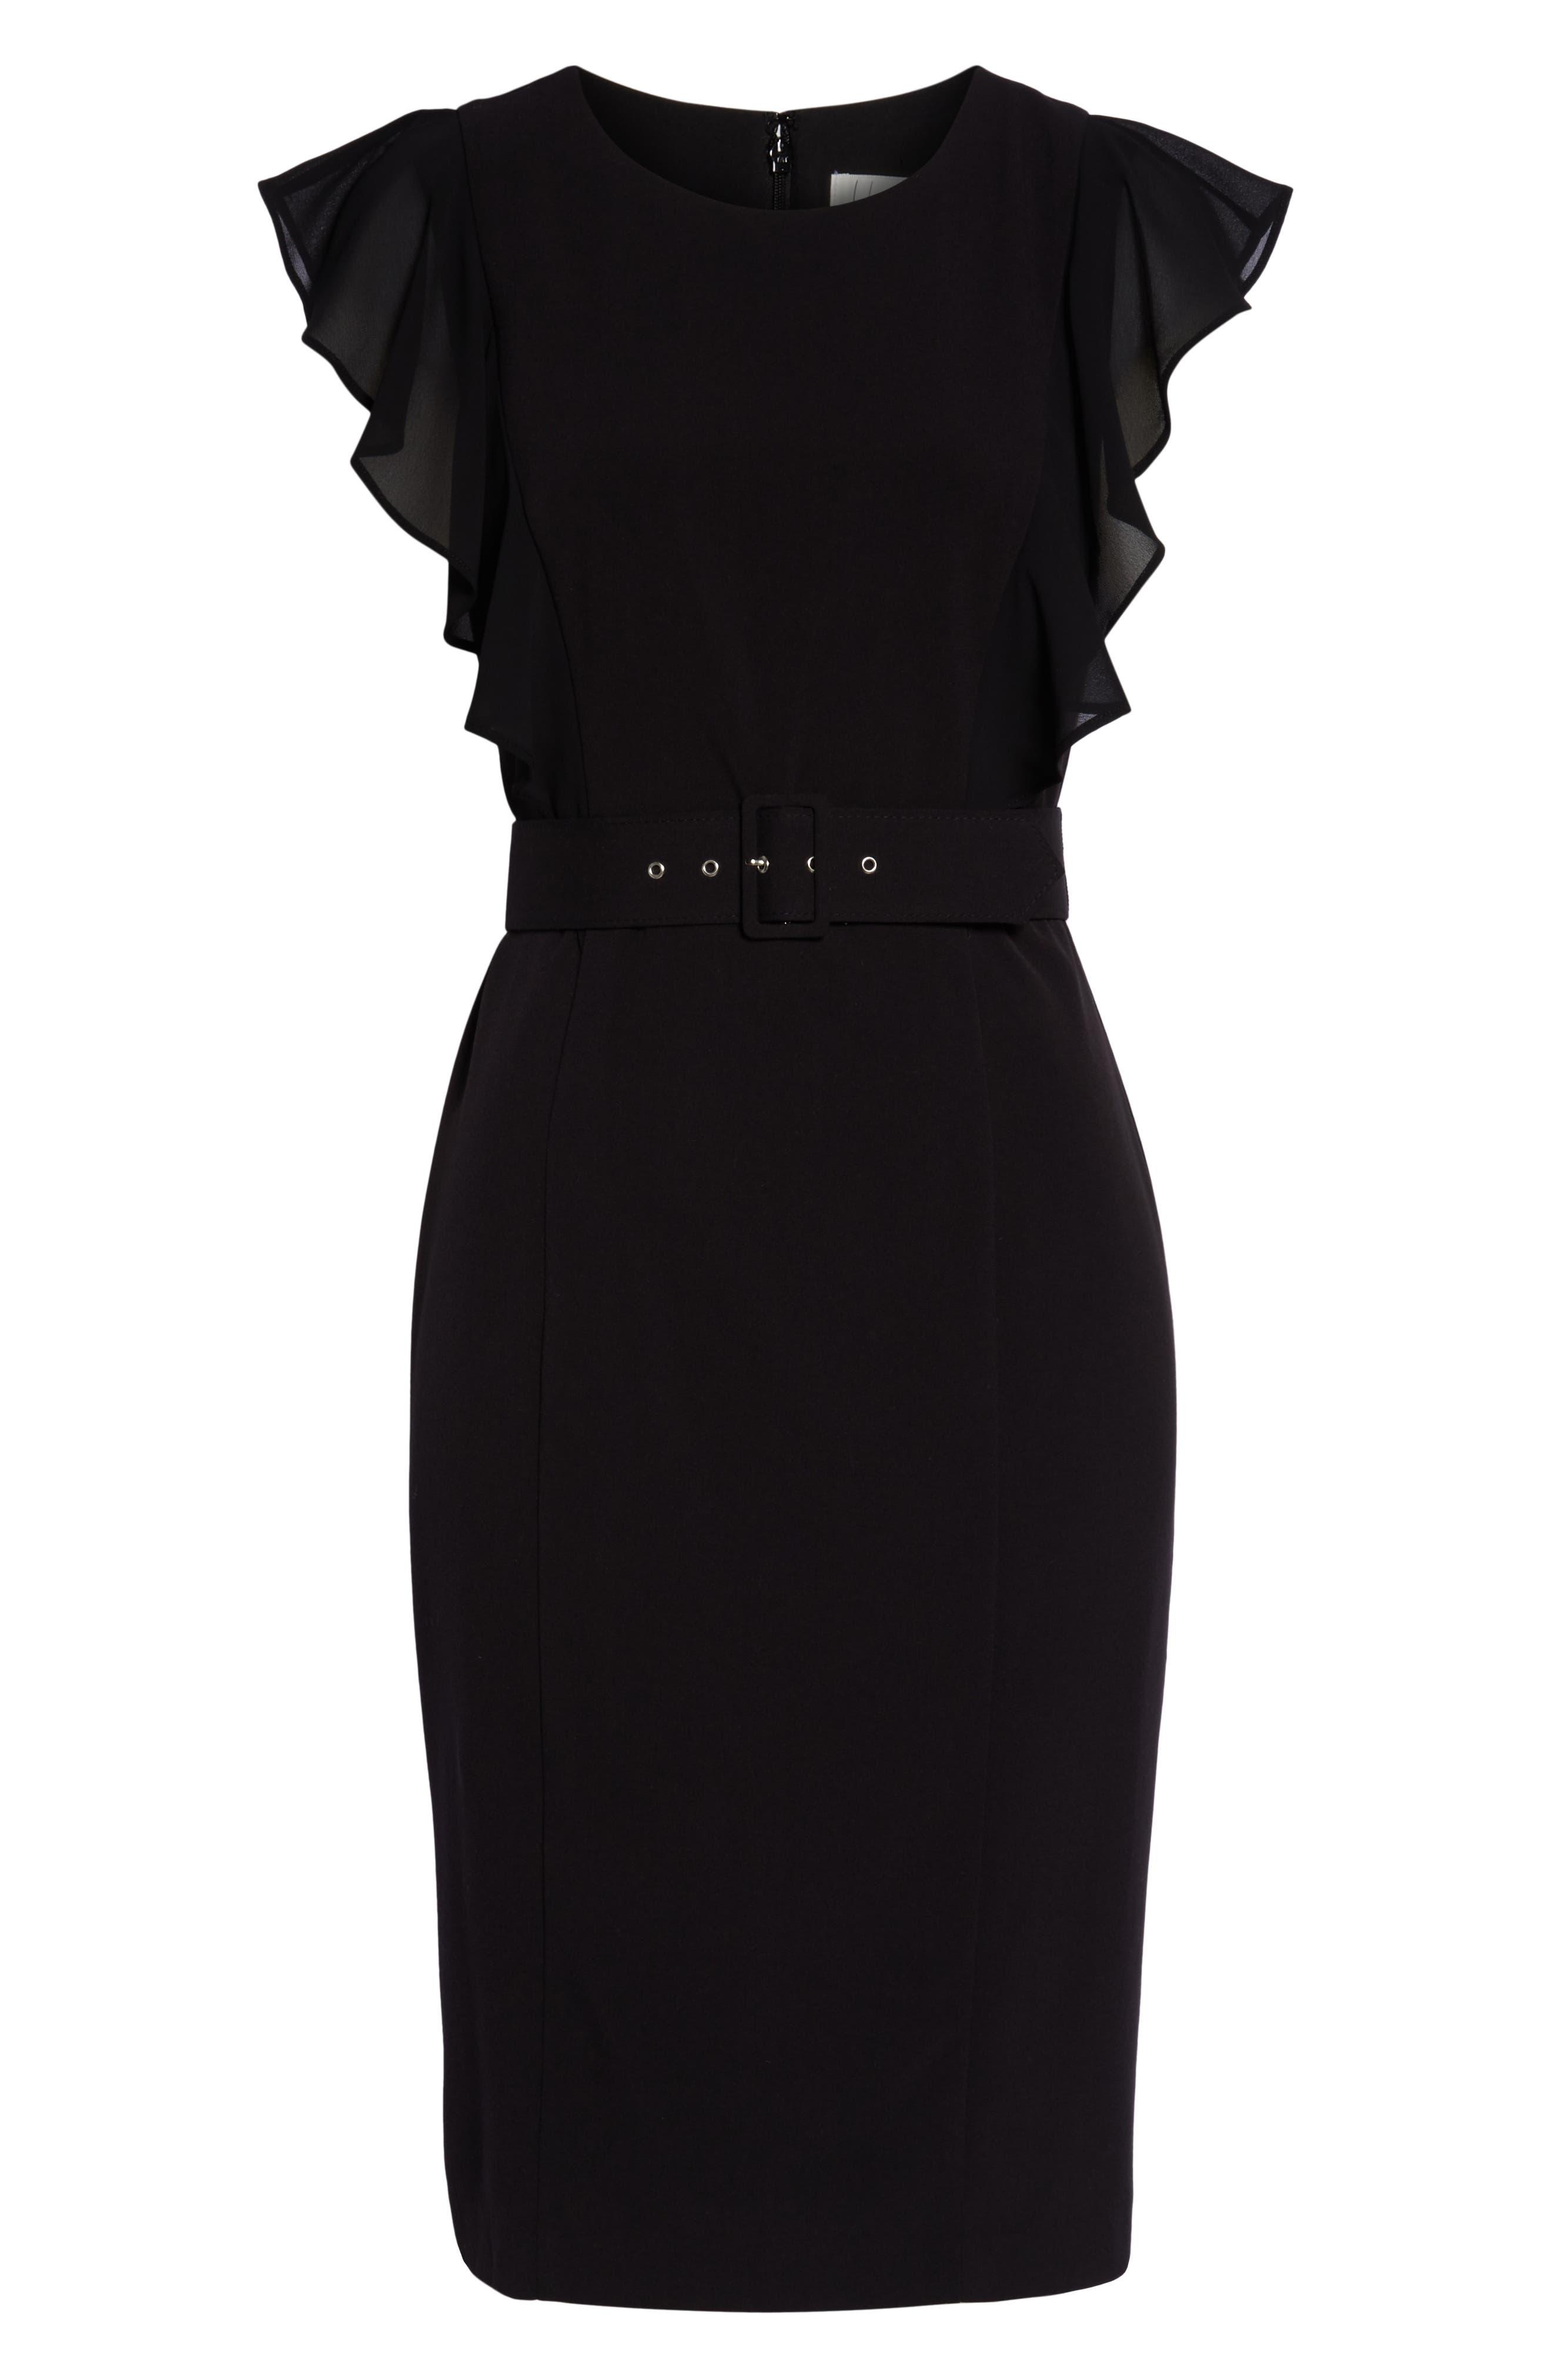 HARPER ROSE,                             Belted Sheath Dress,                             Alternate thumbnail 7, color,                             BLACK